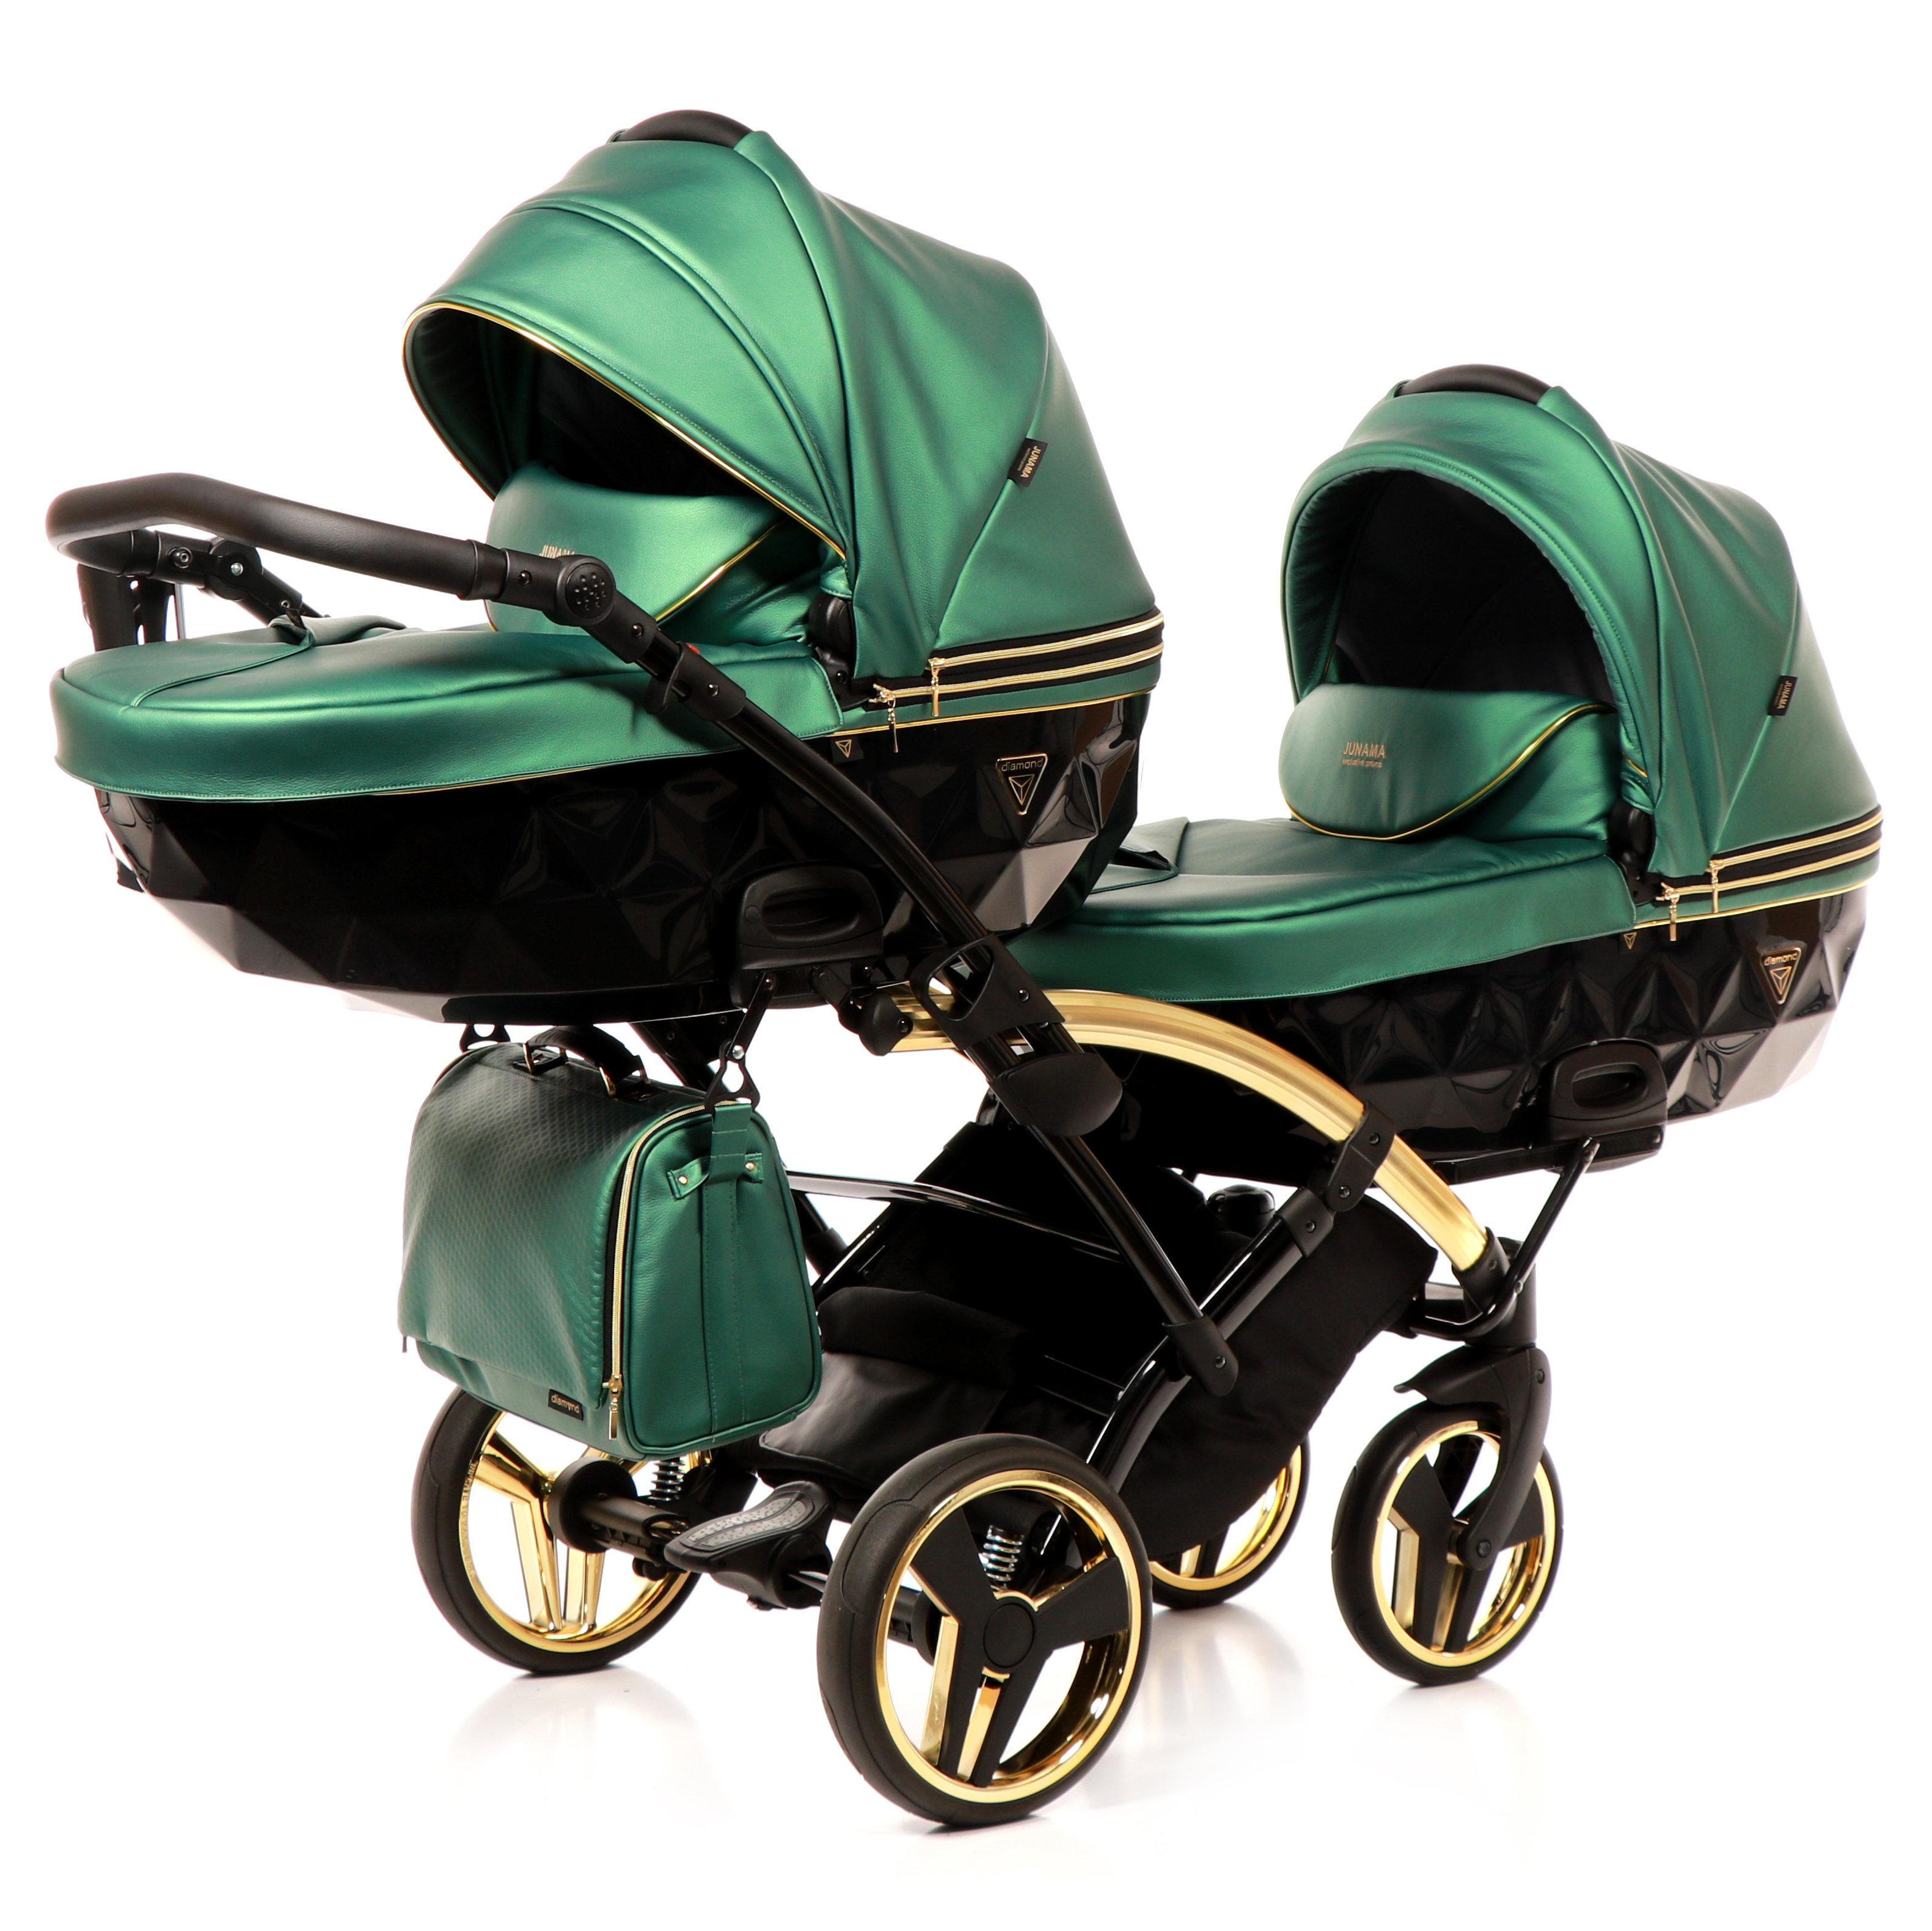 wielofunkcyjny Flu Line Duo Slim jeden za drugim elegancki wózek bliźniaczy Tako Dadi Shop